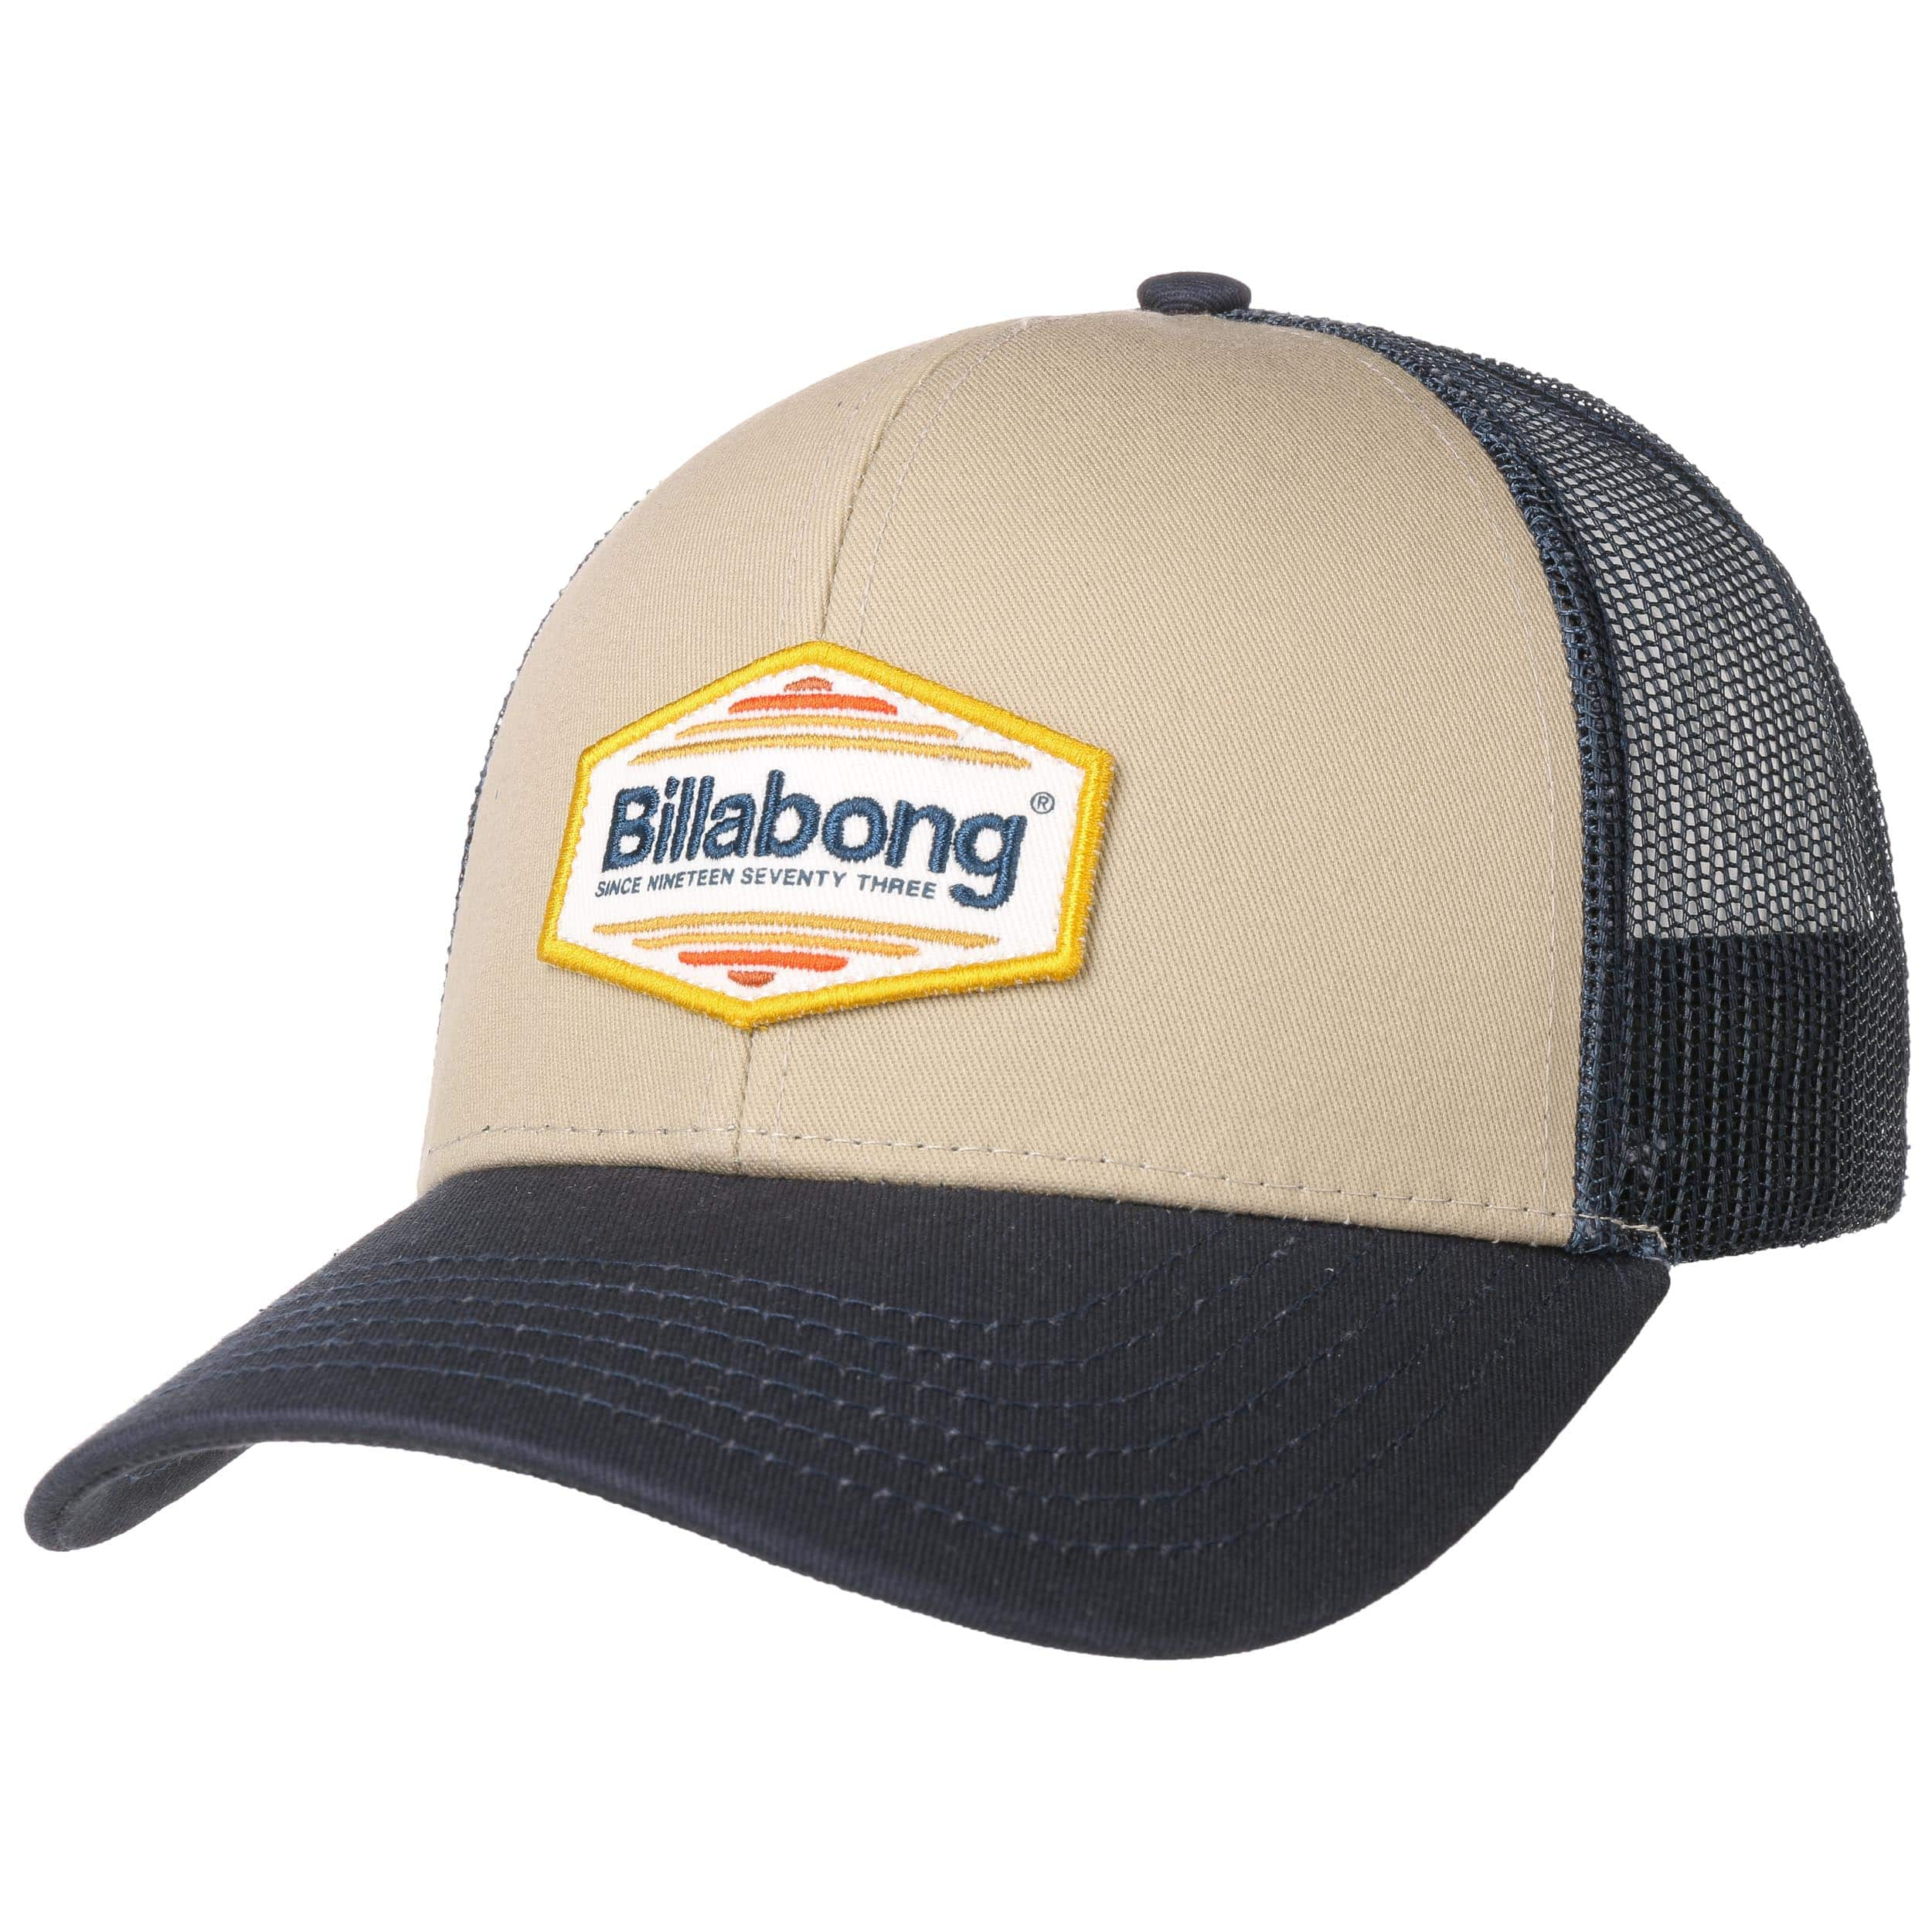 452a57839aa Walled Trucker Cap. by Billabong